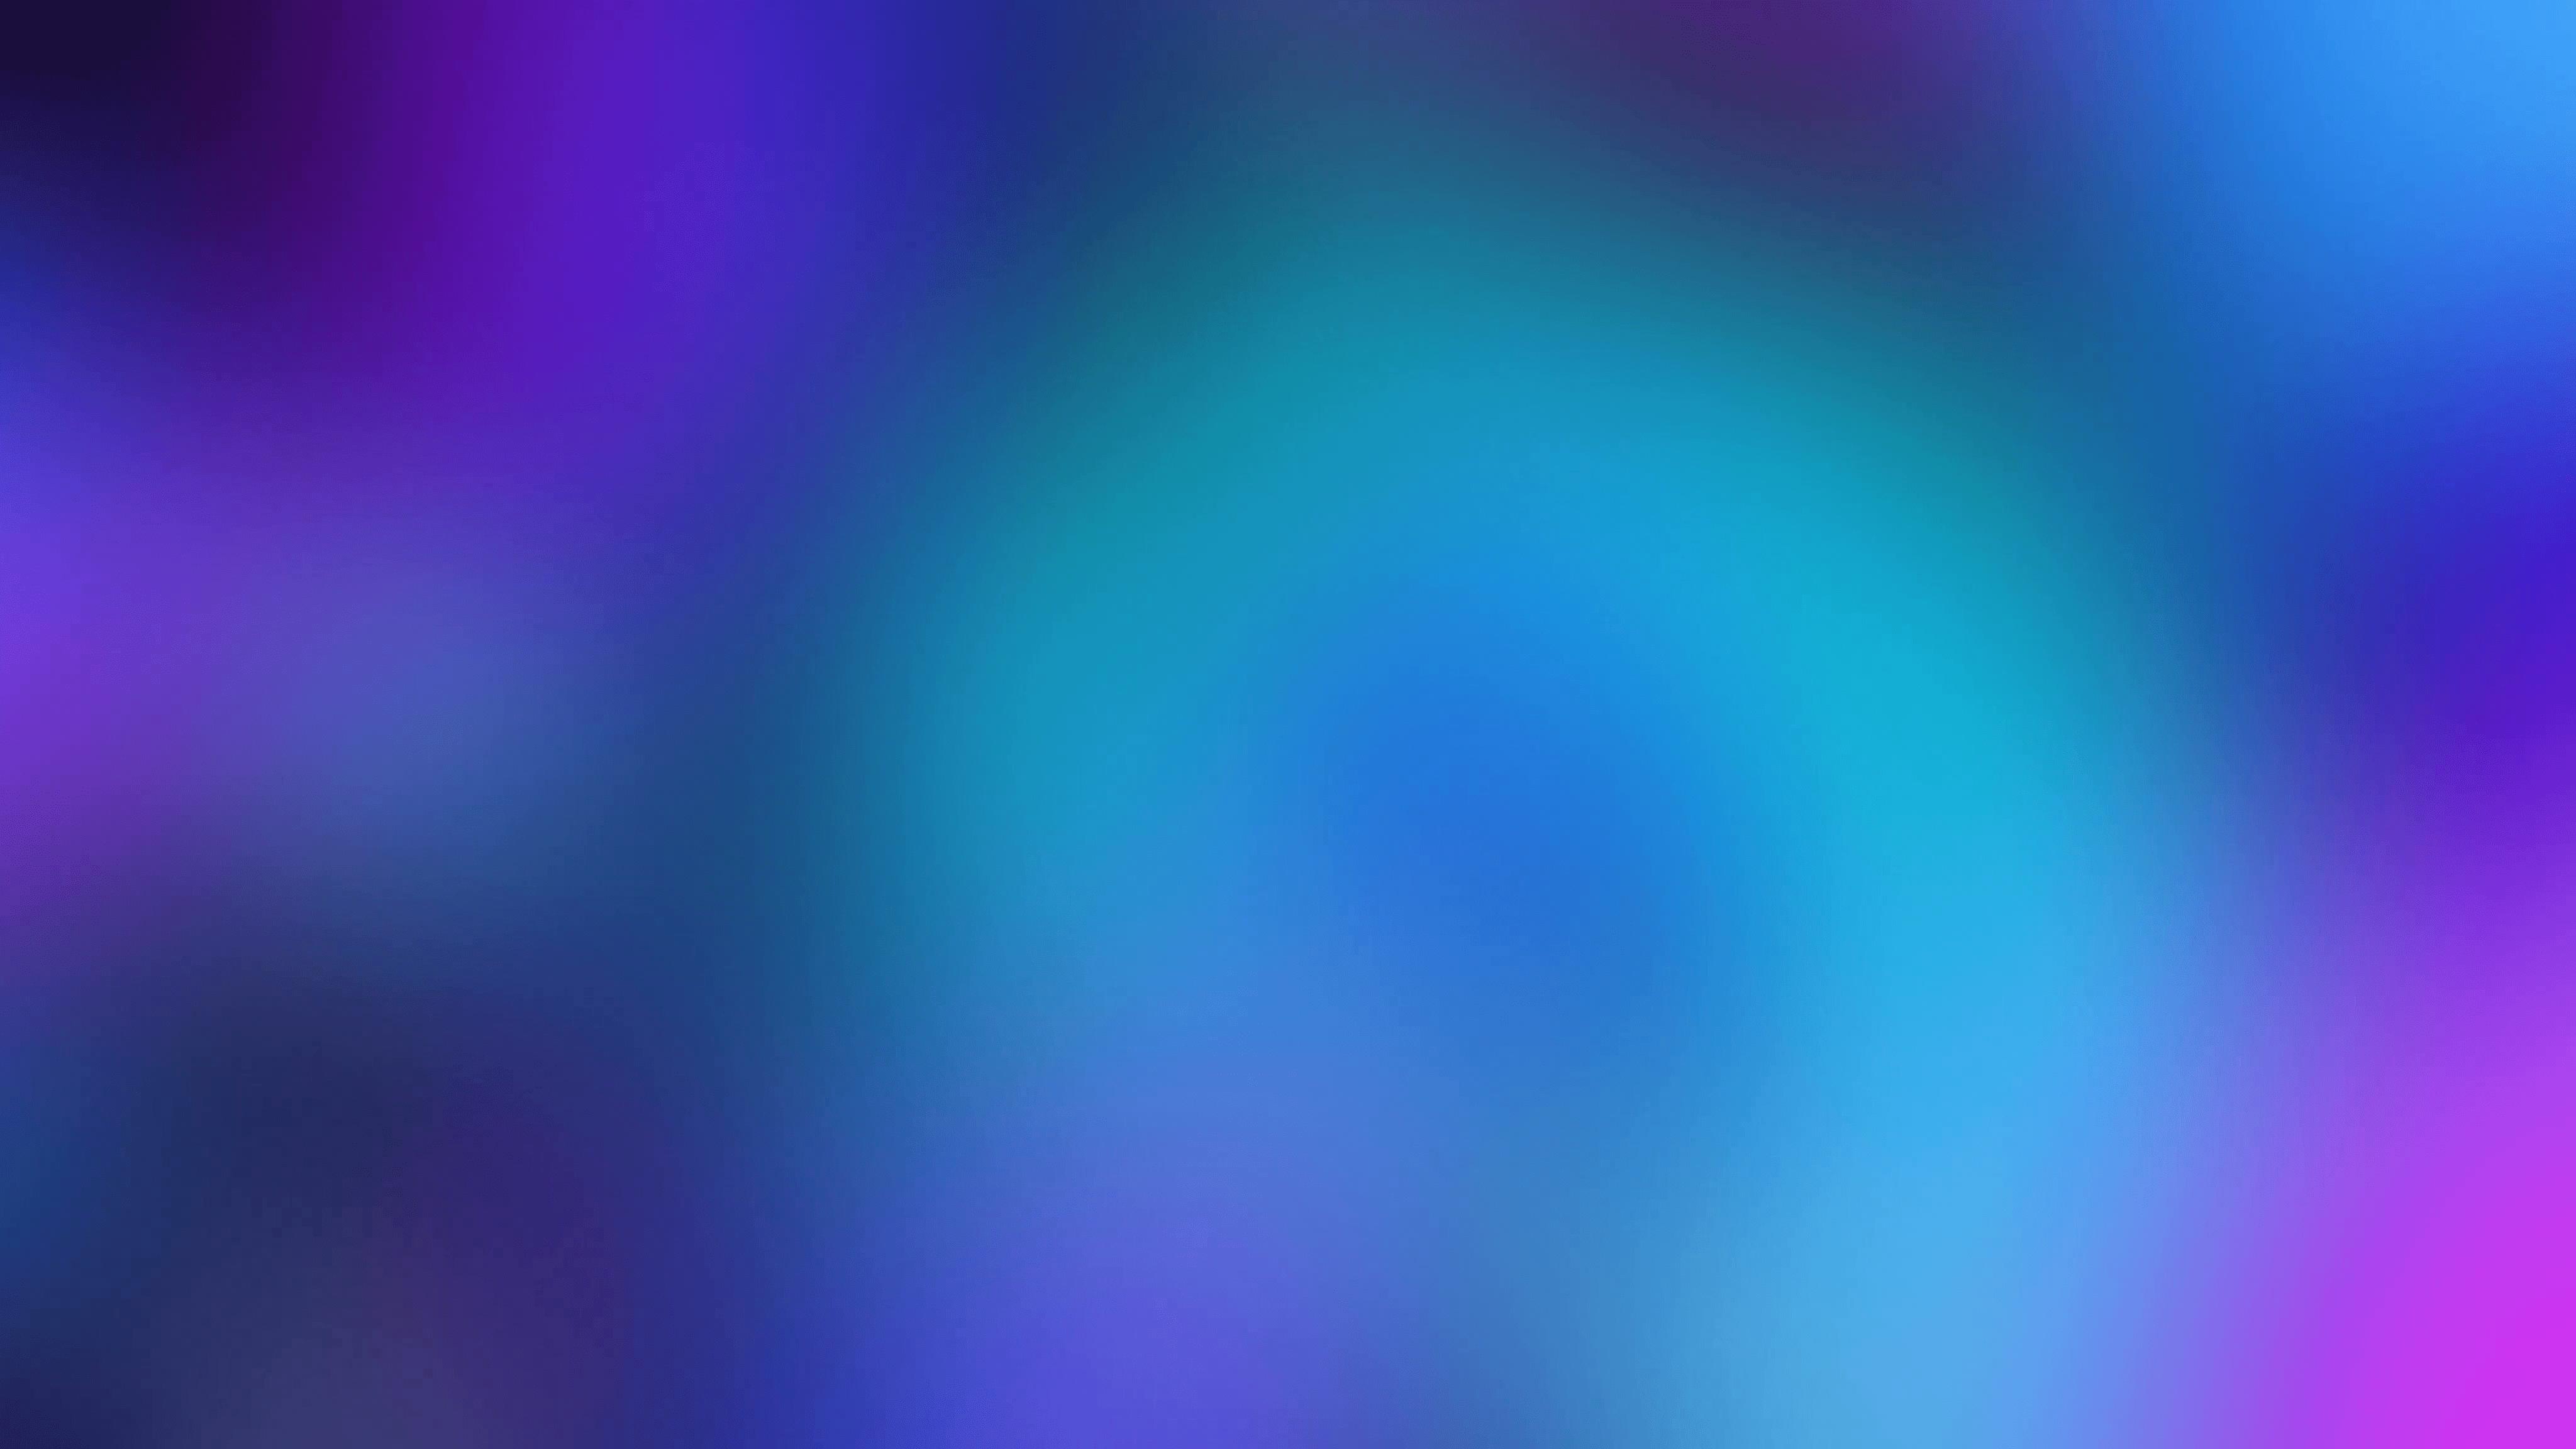 Unduh 7100 Koleksi Background Blue Image Hd HD Gratis